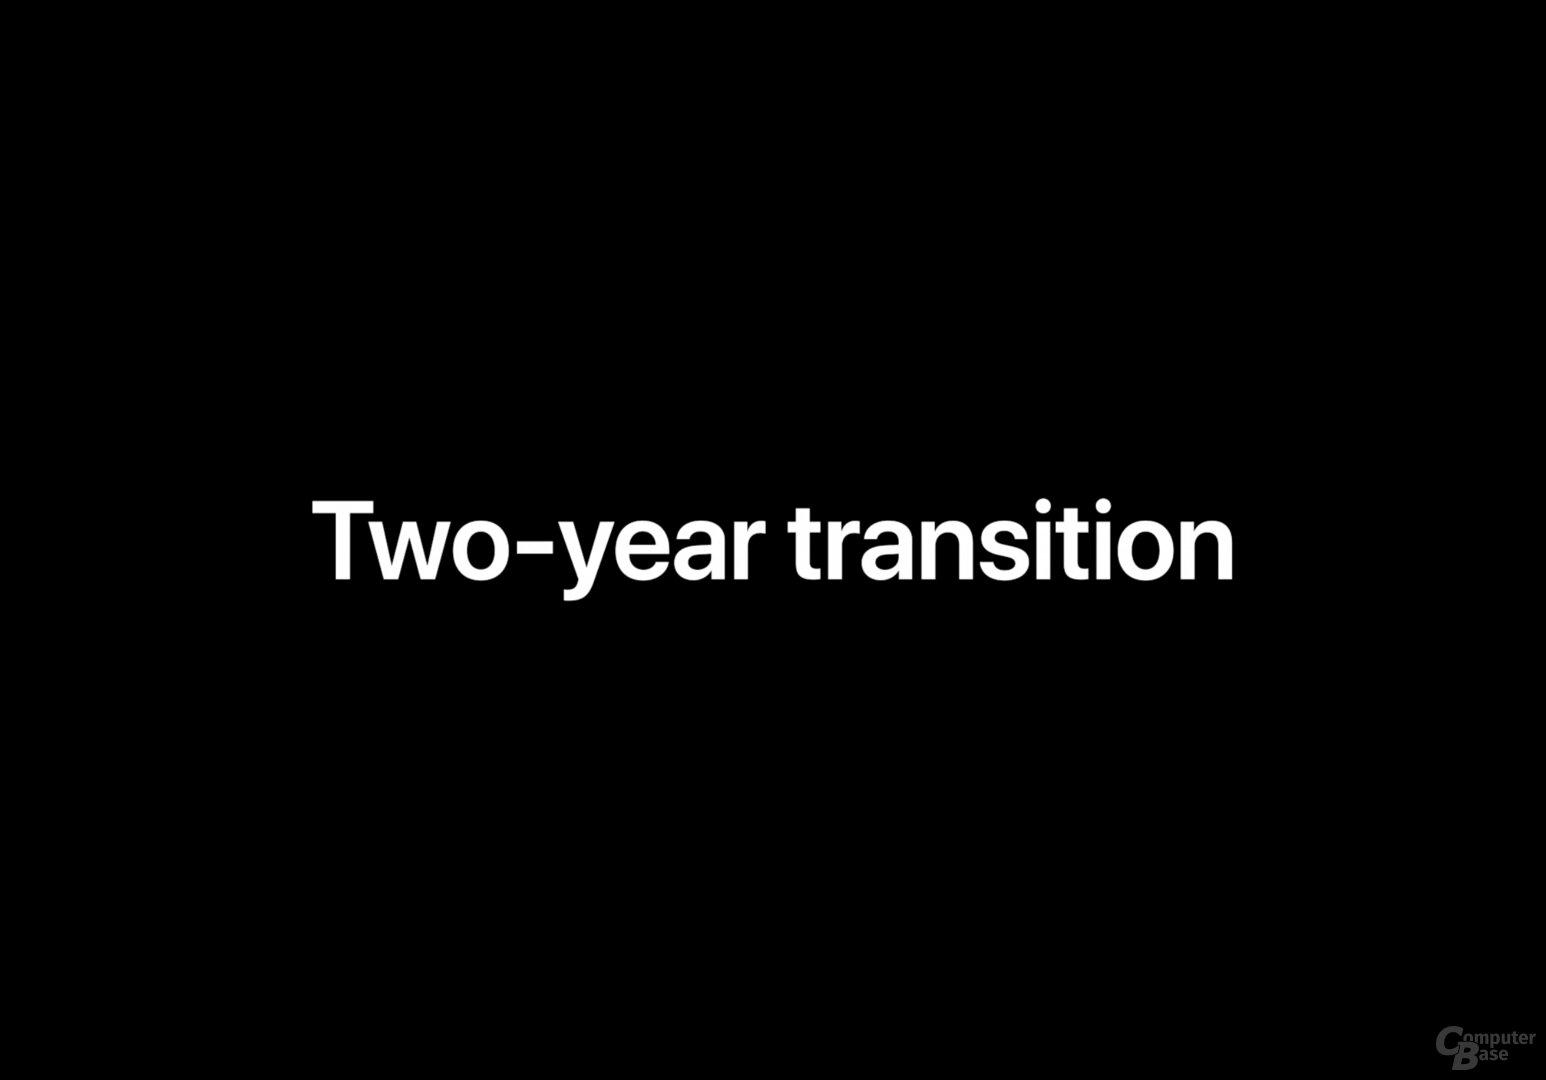 Zwei Jahre wird der Wechsel andauern